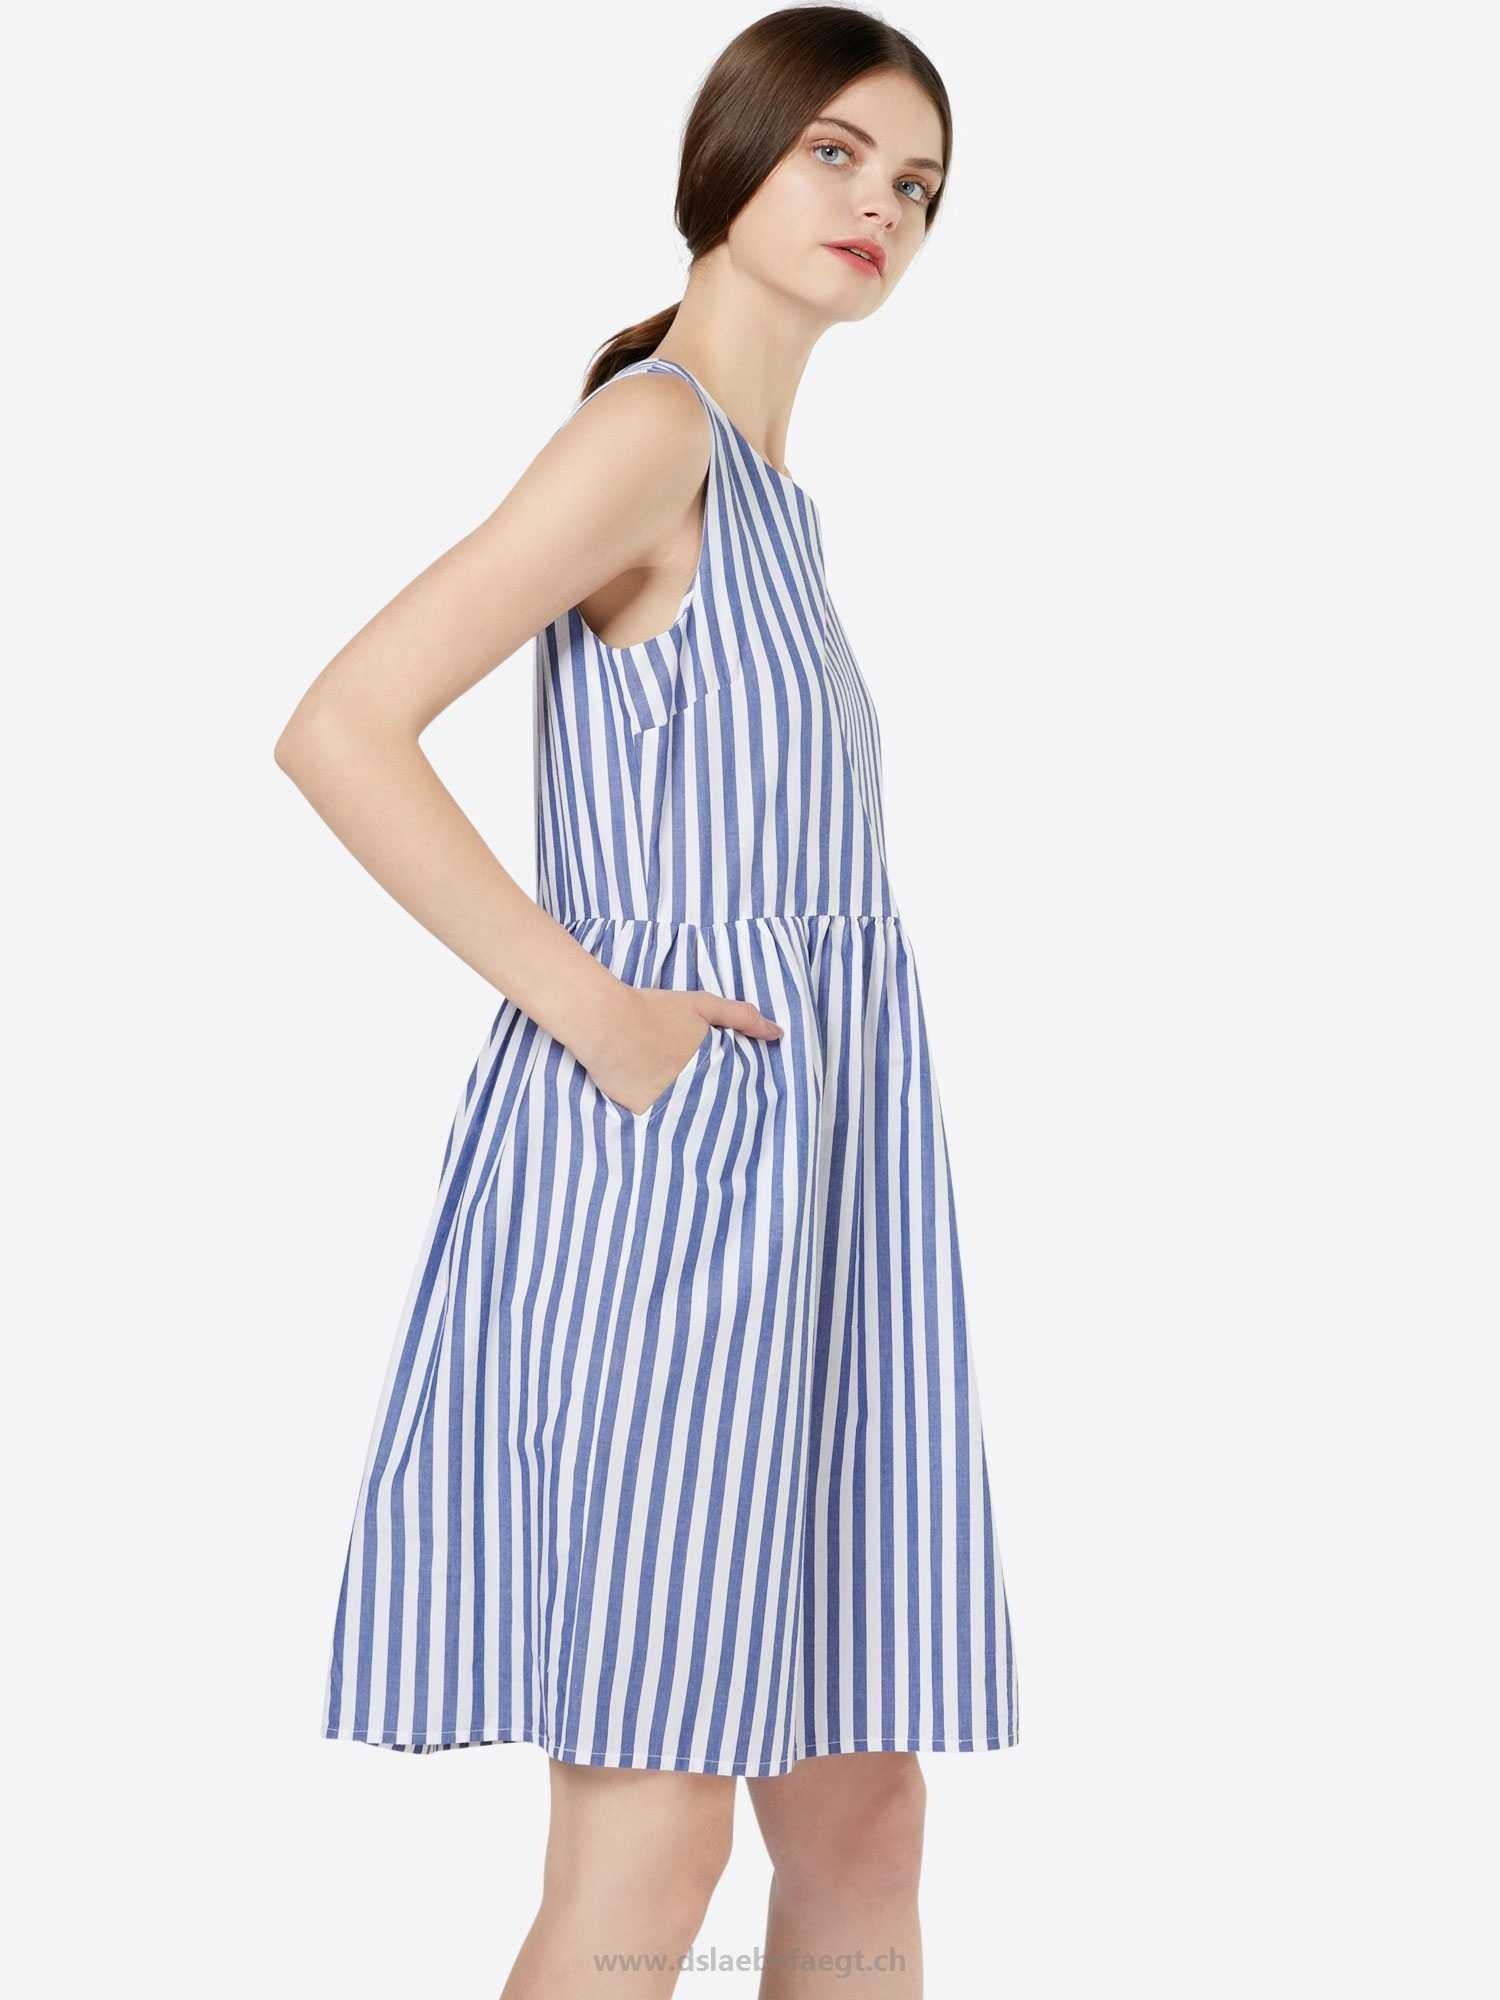 13 Coolste Damen Kleider Baumwolle GalerieFormal Erstaunlich Damen Kleider Baumwolle Ärmel